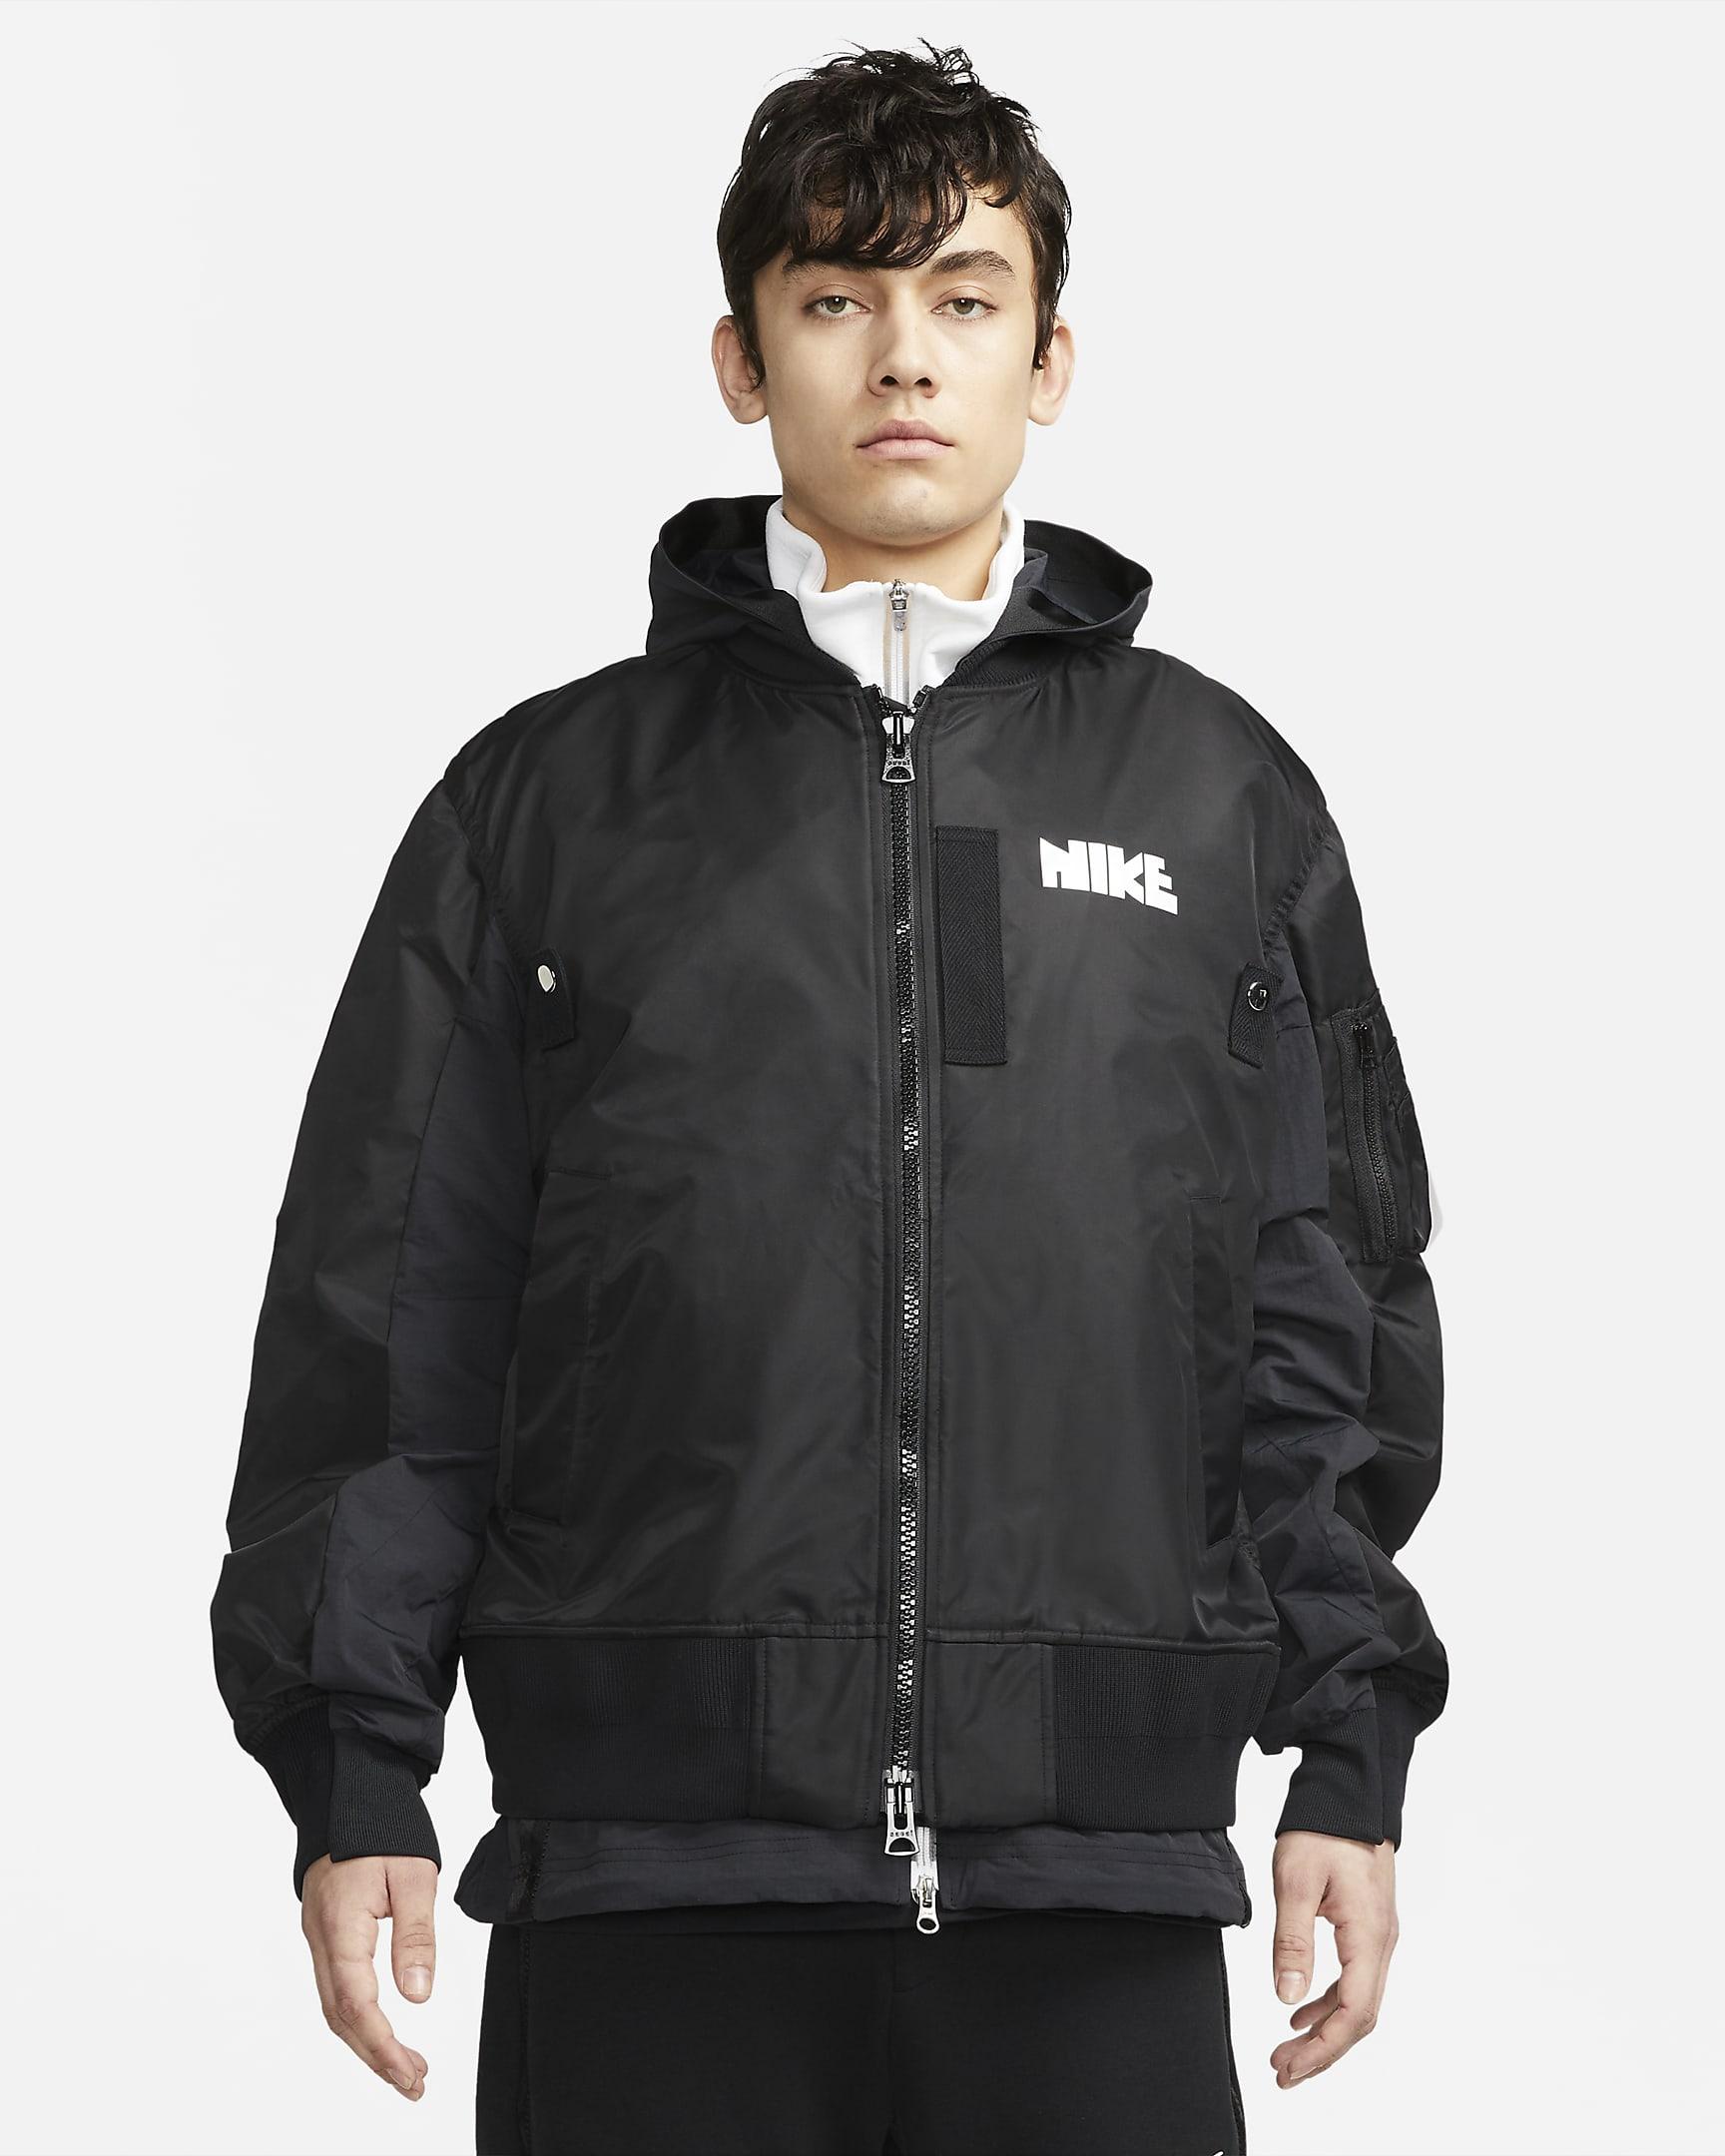 sacai-mens-jacket-Sm6C4c.png